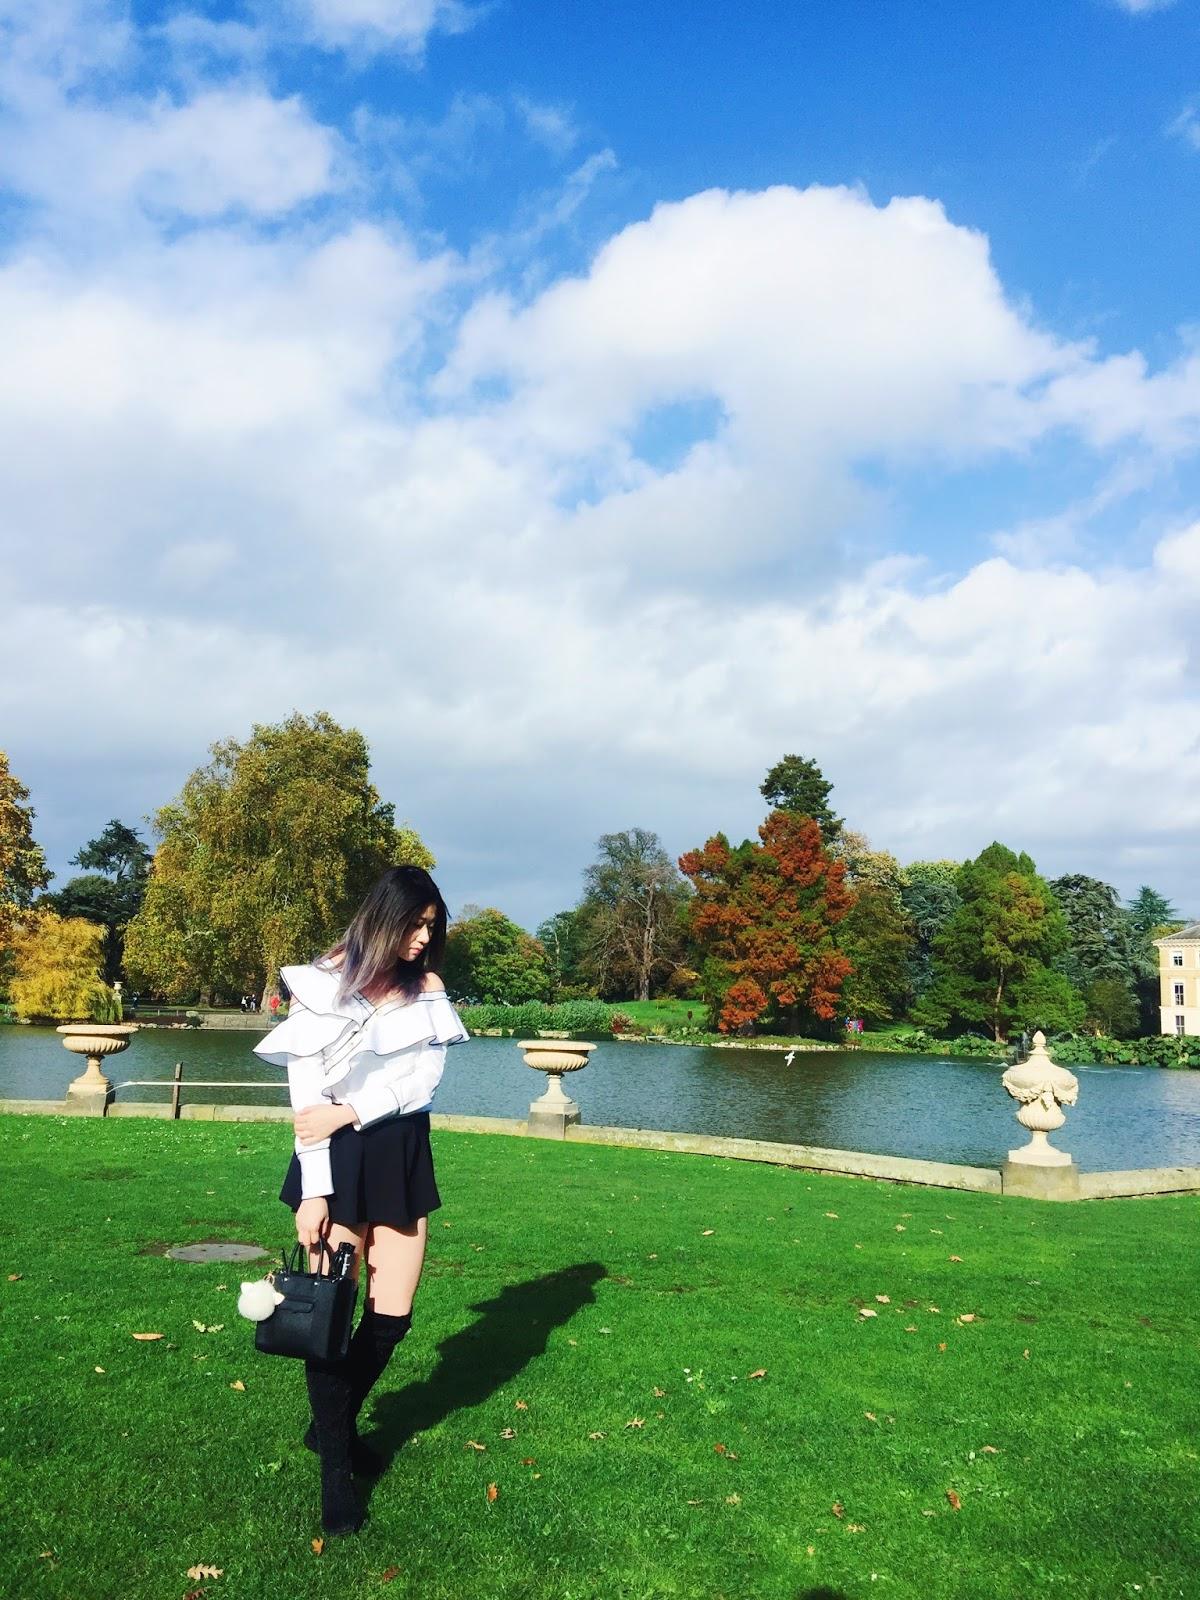 JOICY遊 | 英國倫敦 | 景點推介 | Kew Garden 邱園 | 世界之最奇花異卉植物園遊記 I